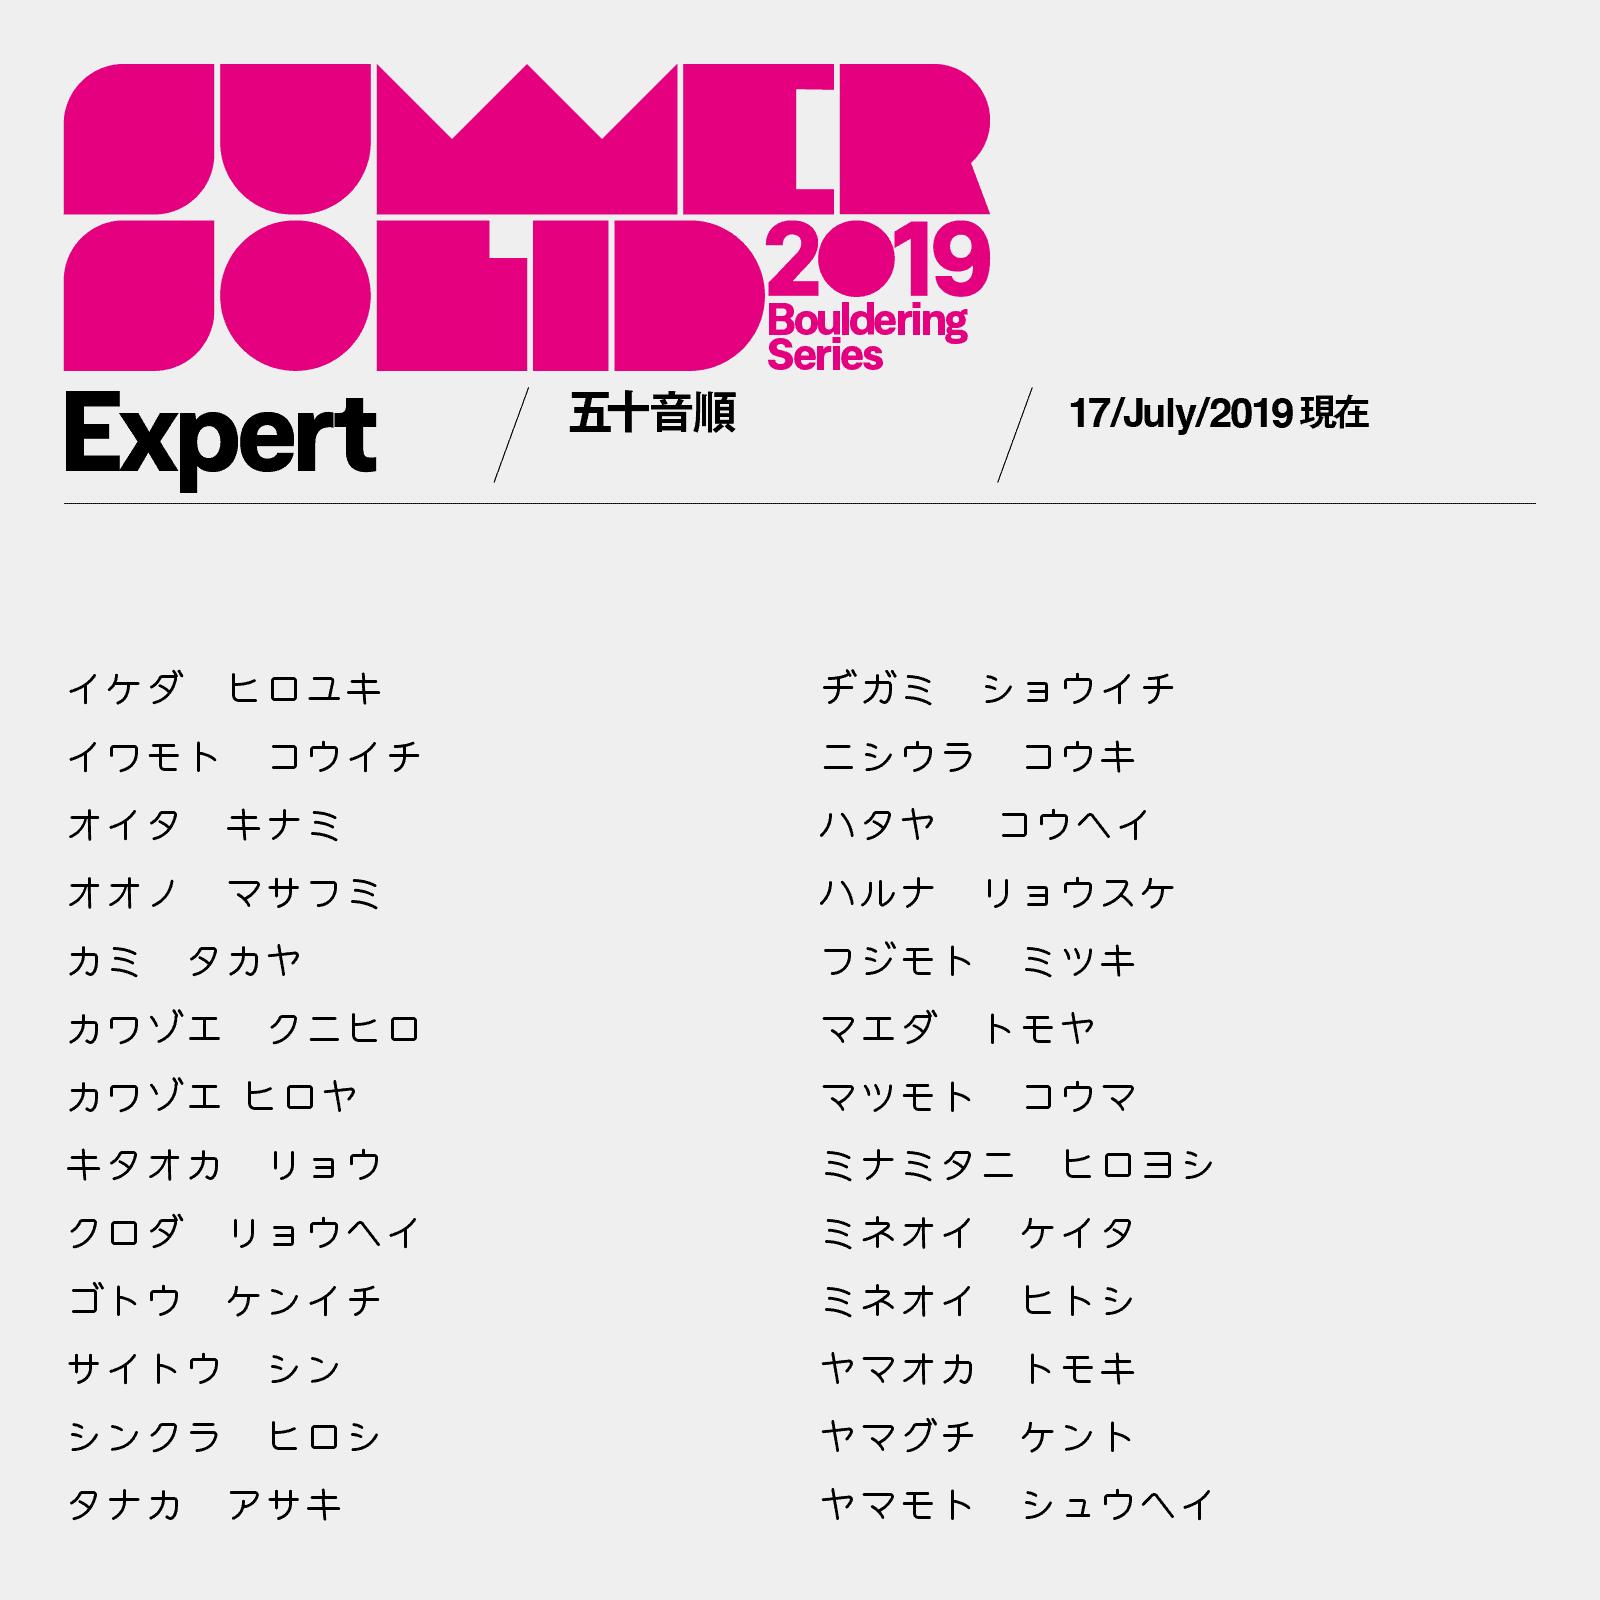 サマソリExpertカテゴリ参加者リスト